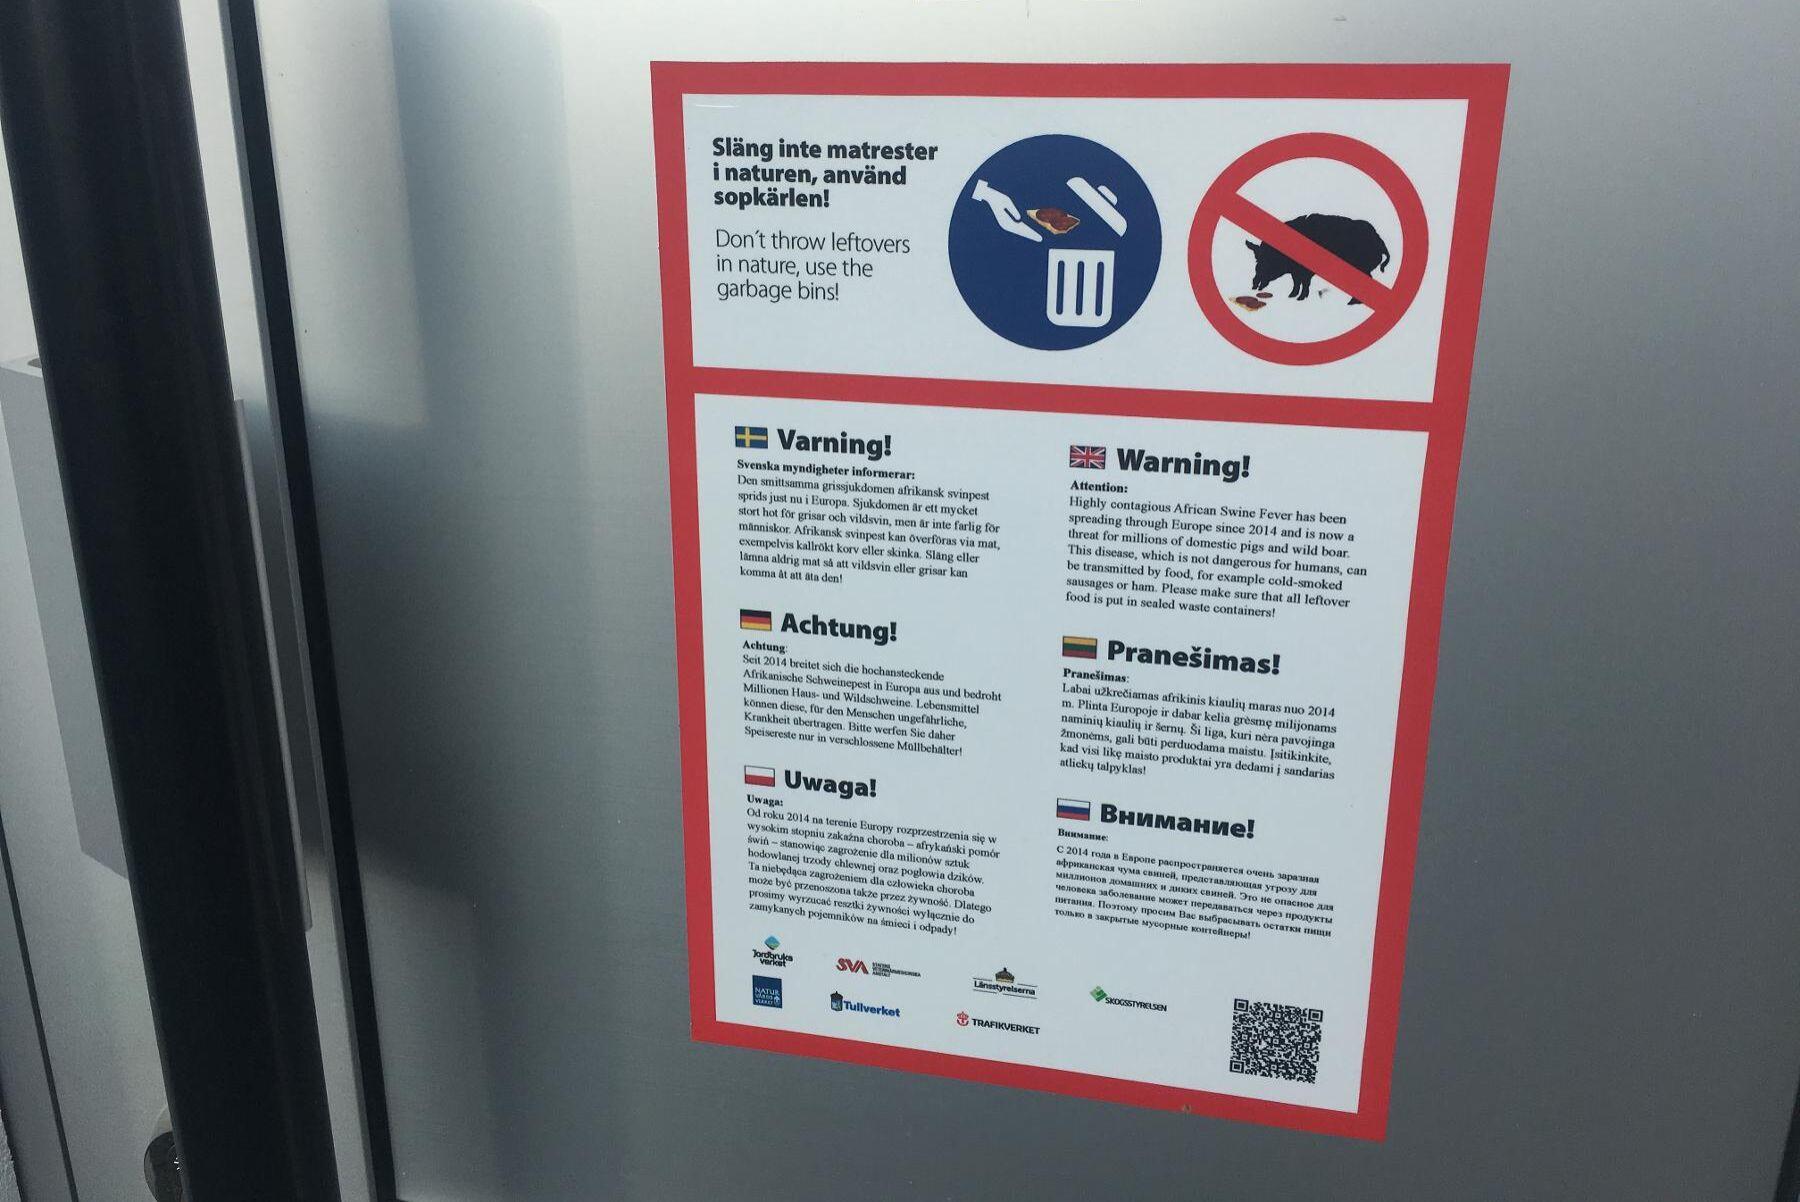 Sommaren 2018 började Trafikverket att sätta upp informationsskyltar på svenska rastplatser med syfte att minska risken för afrikansk svinpest. Skyltarna var på flera språk, däribland flera östeuropeiska. Nu ska skyltar börjat sättas upp igen.